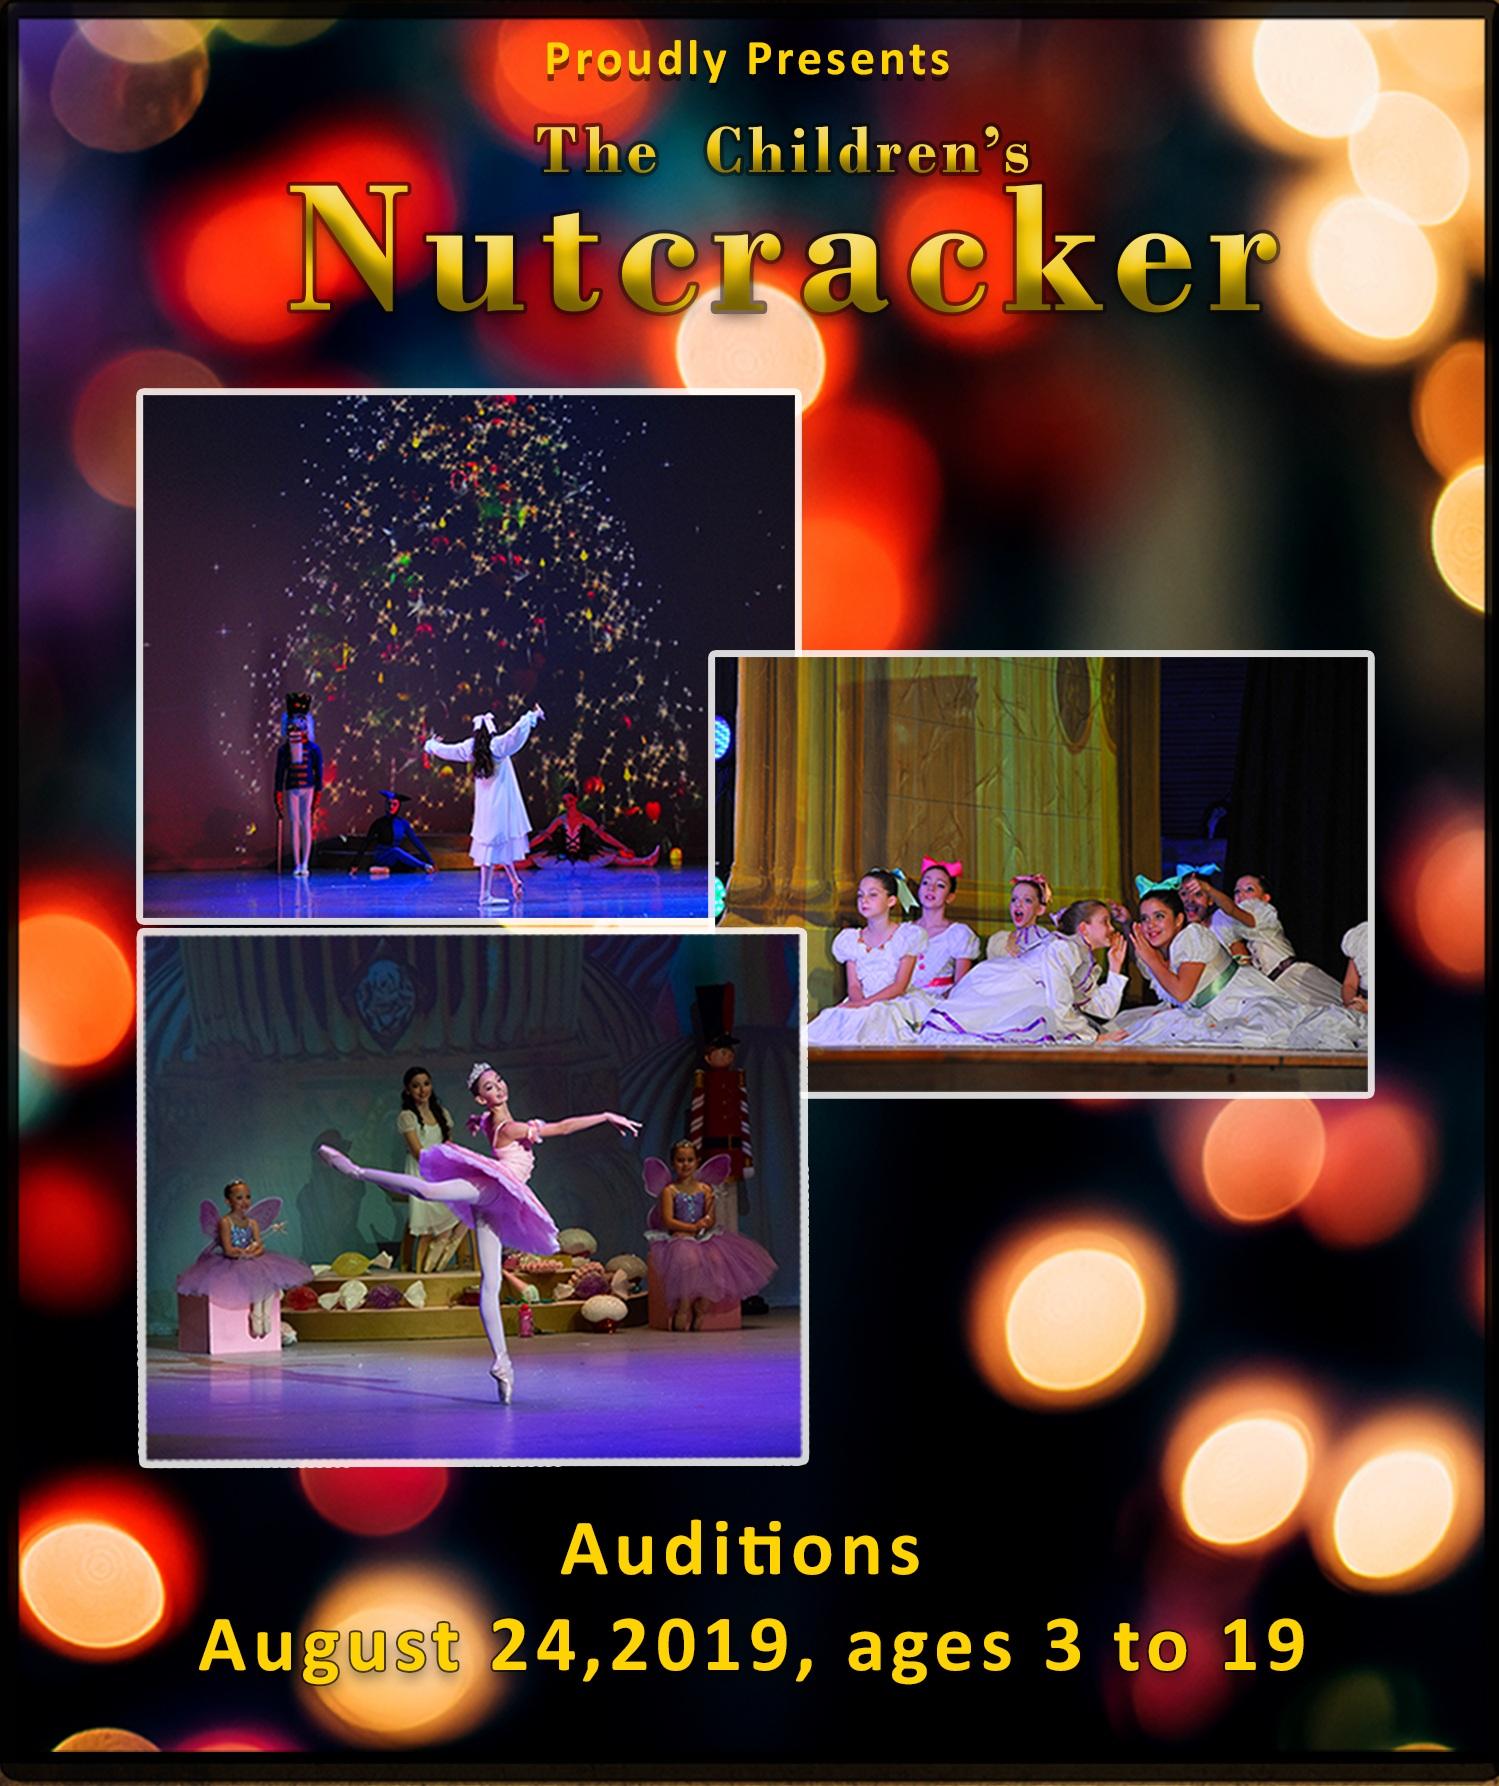 Children's Ballet of San Antonio Nutcracker Auditions, Nutcracker San Antonio Ballet, Nutcracker for Children